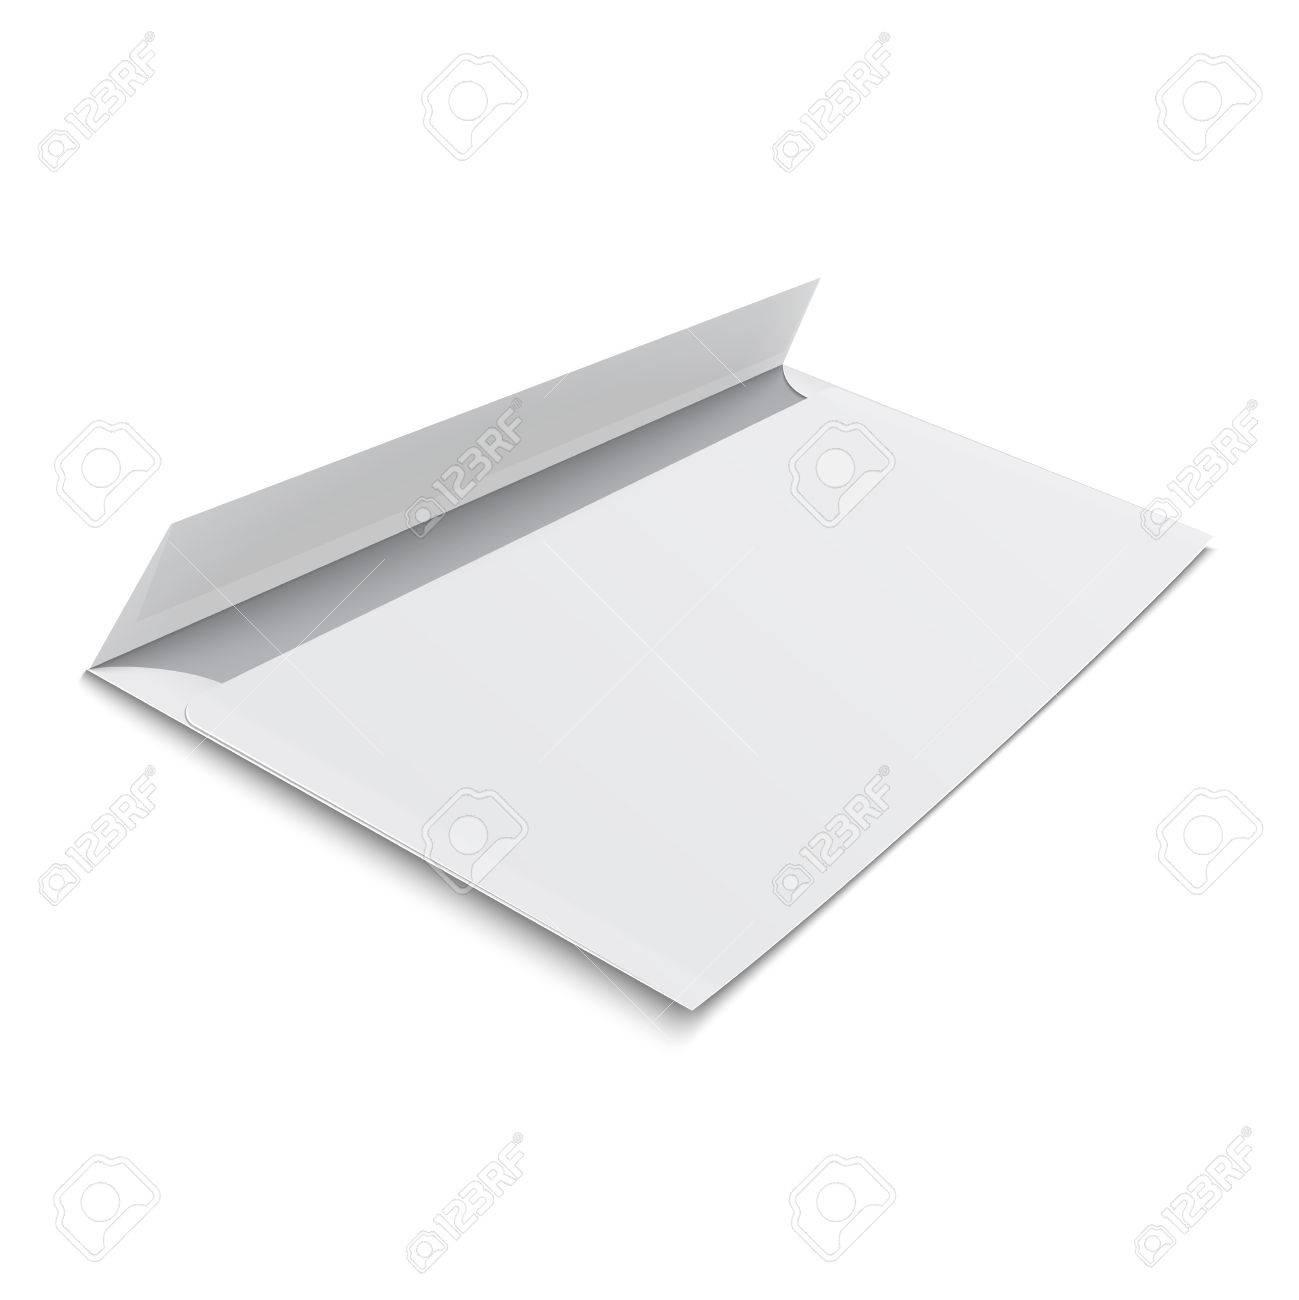 white stationery blank opened envelope e65 size on white